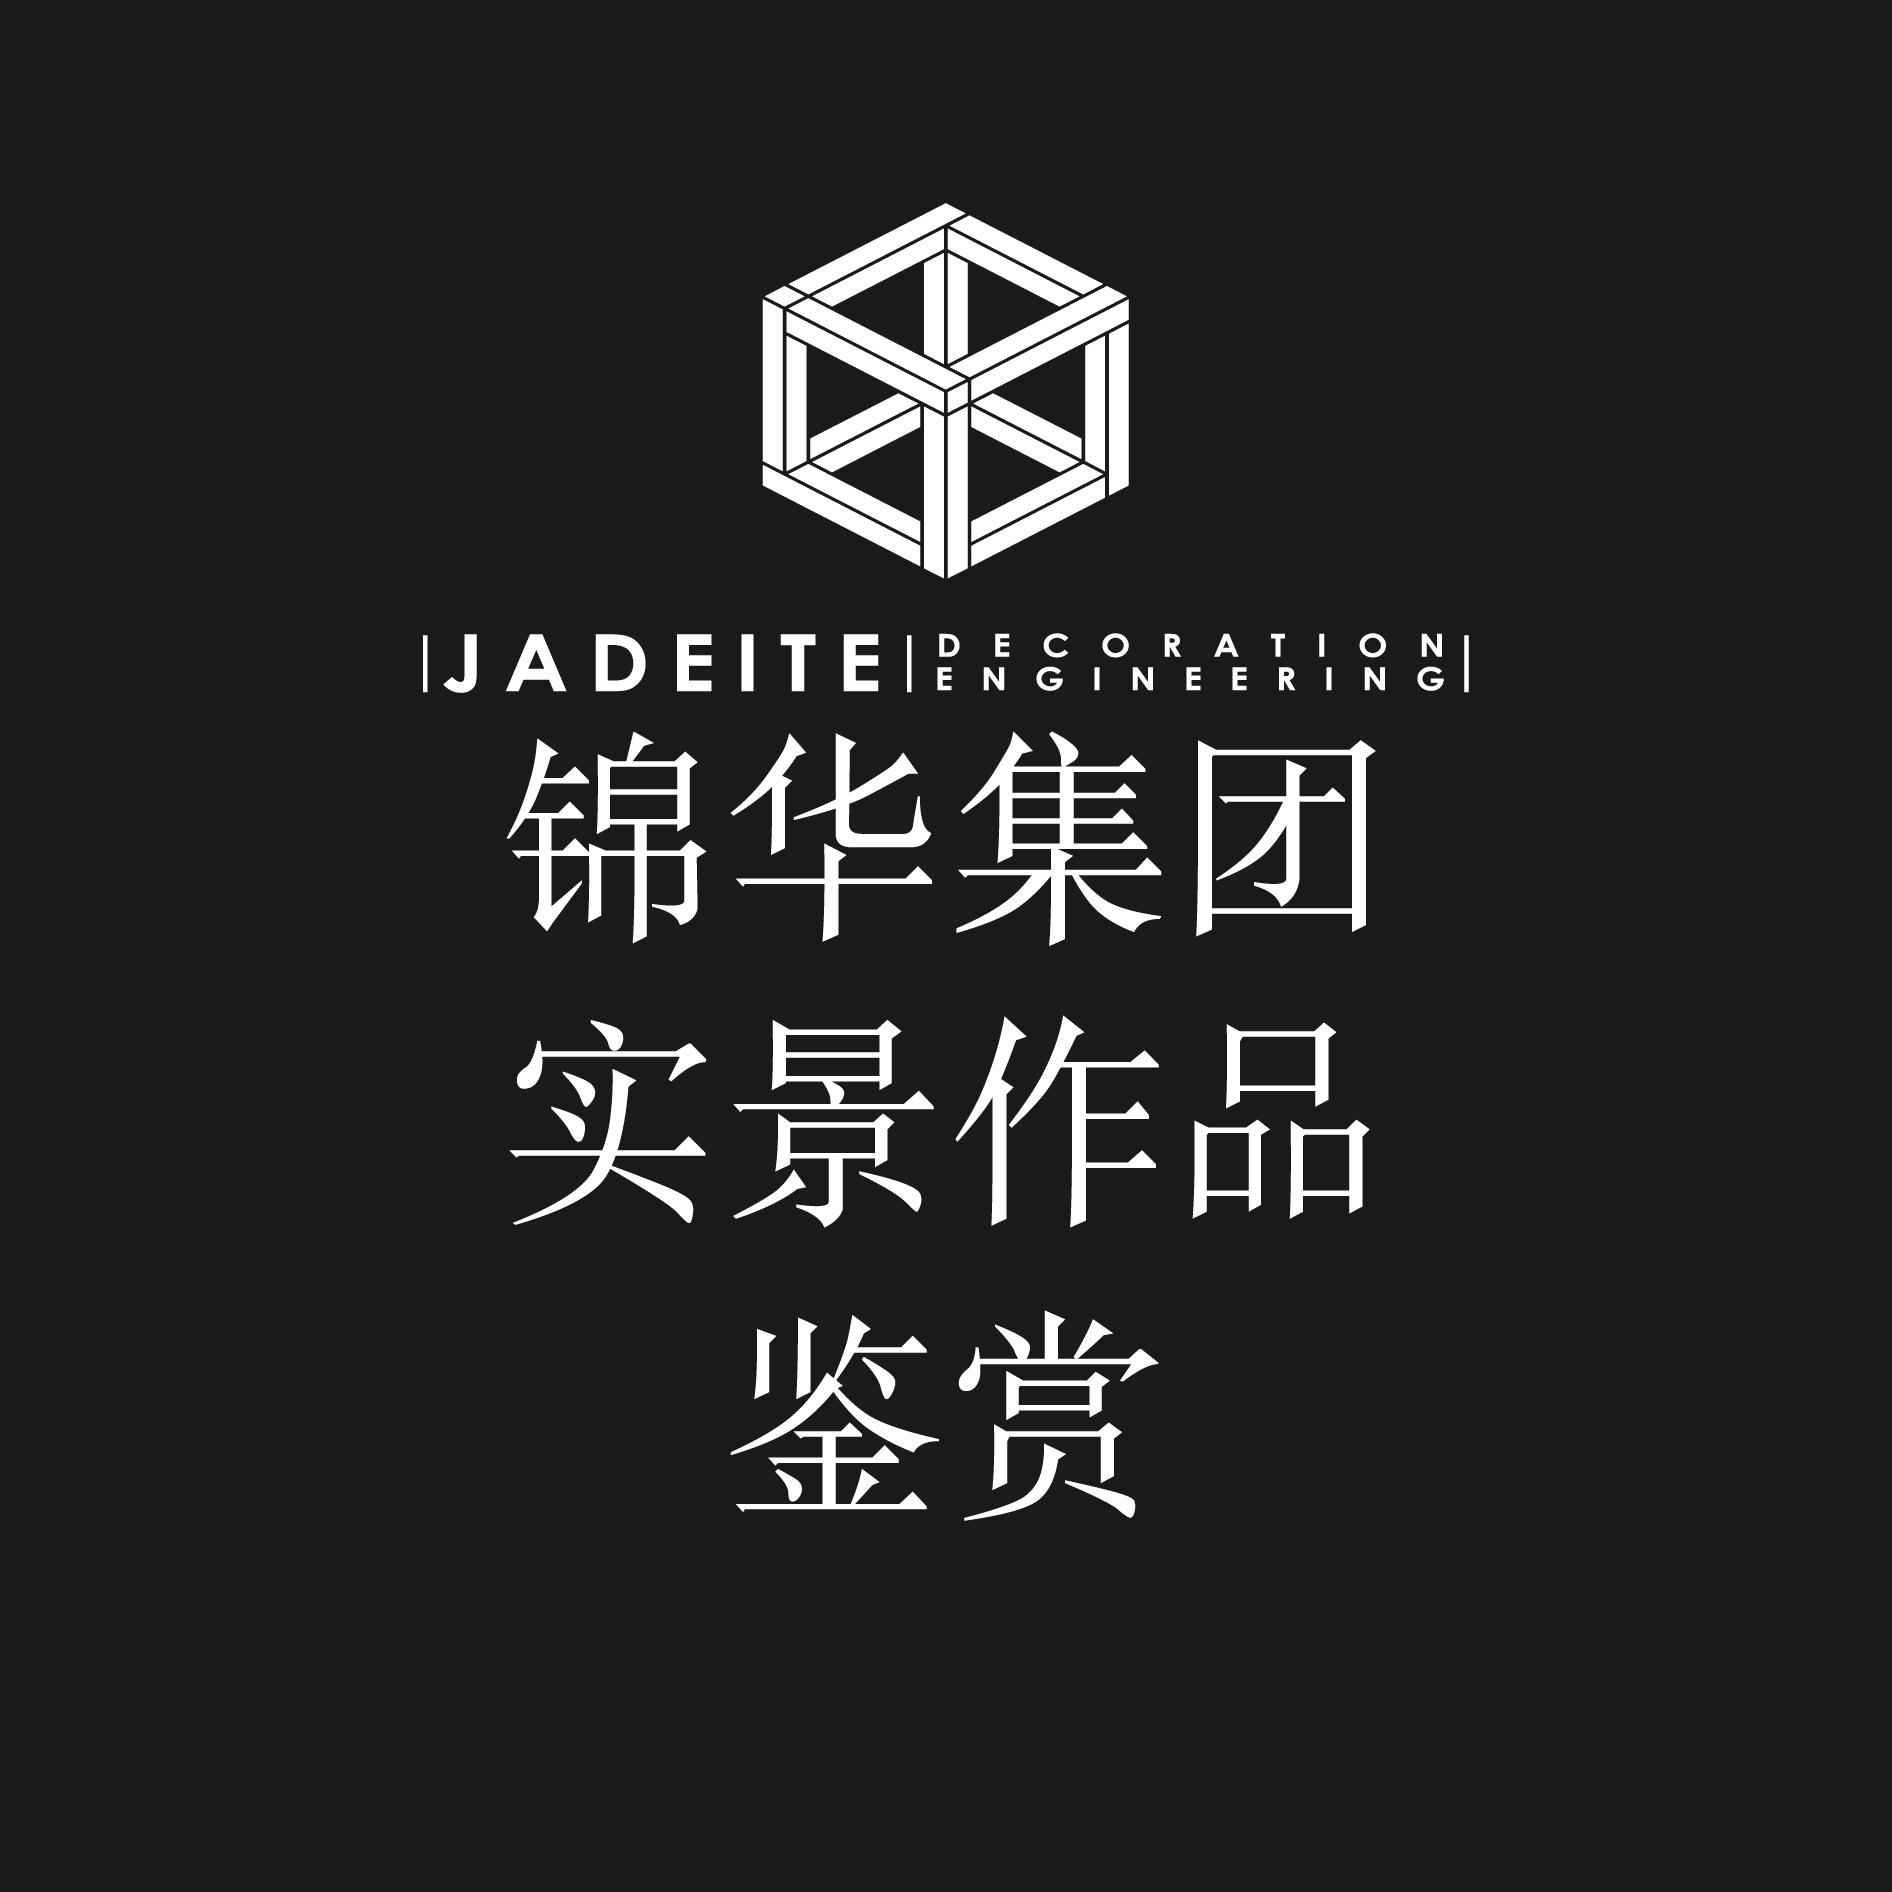 锦华集团实景案例鉴赏